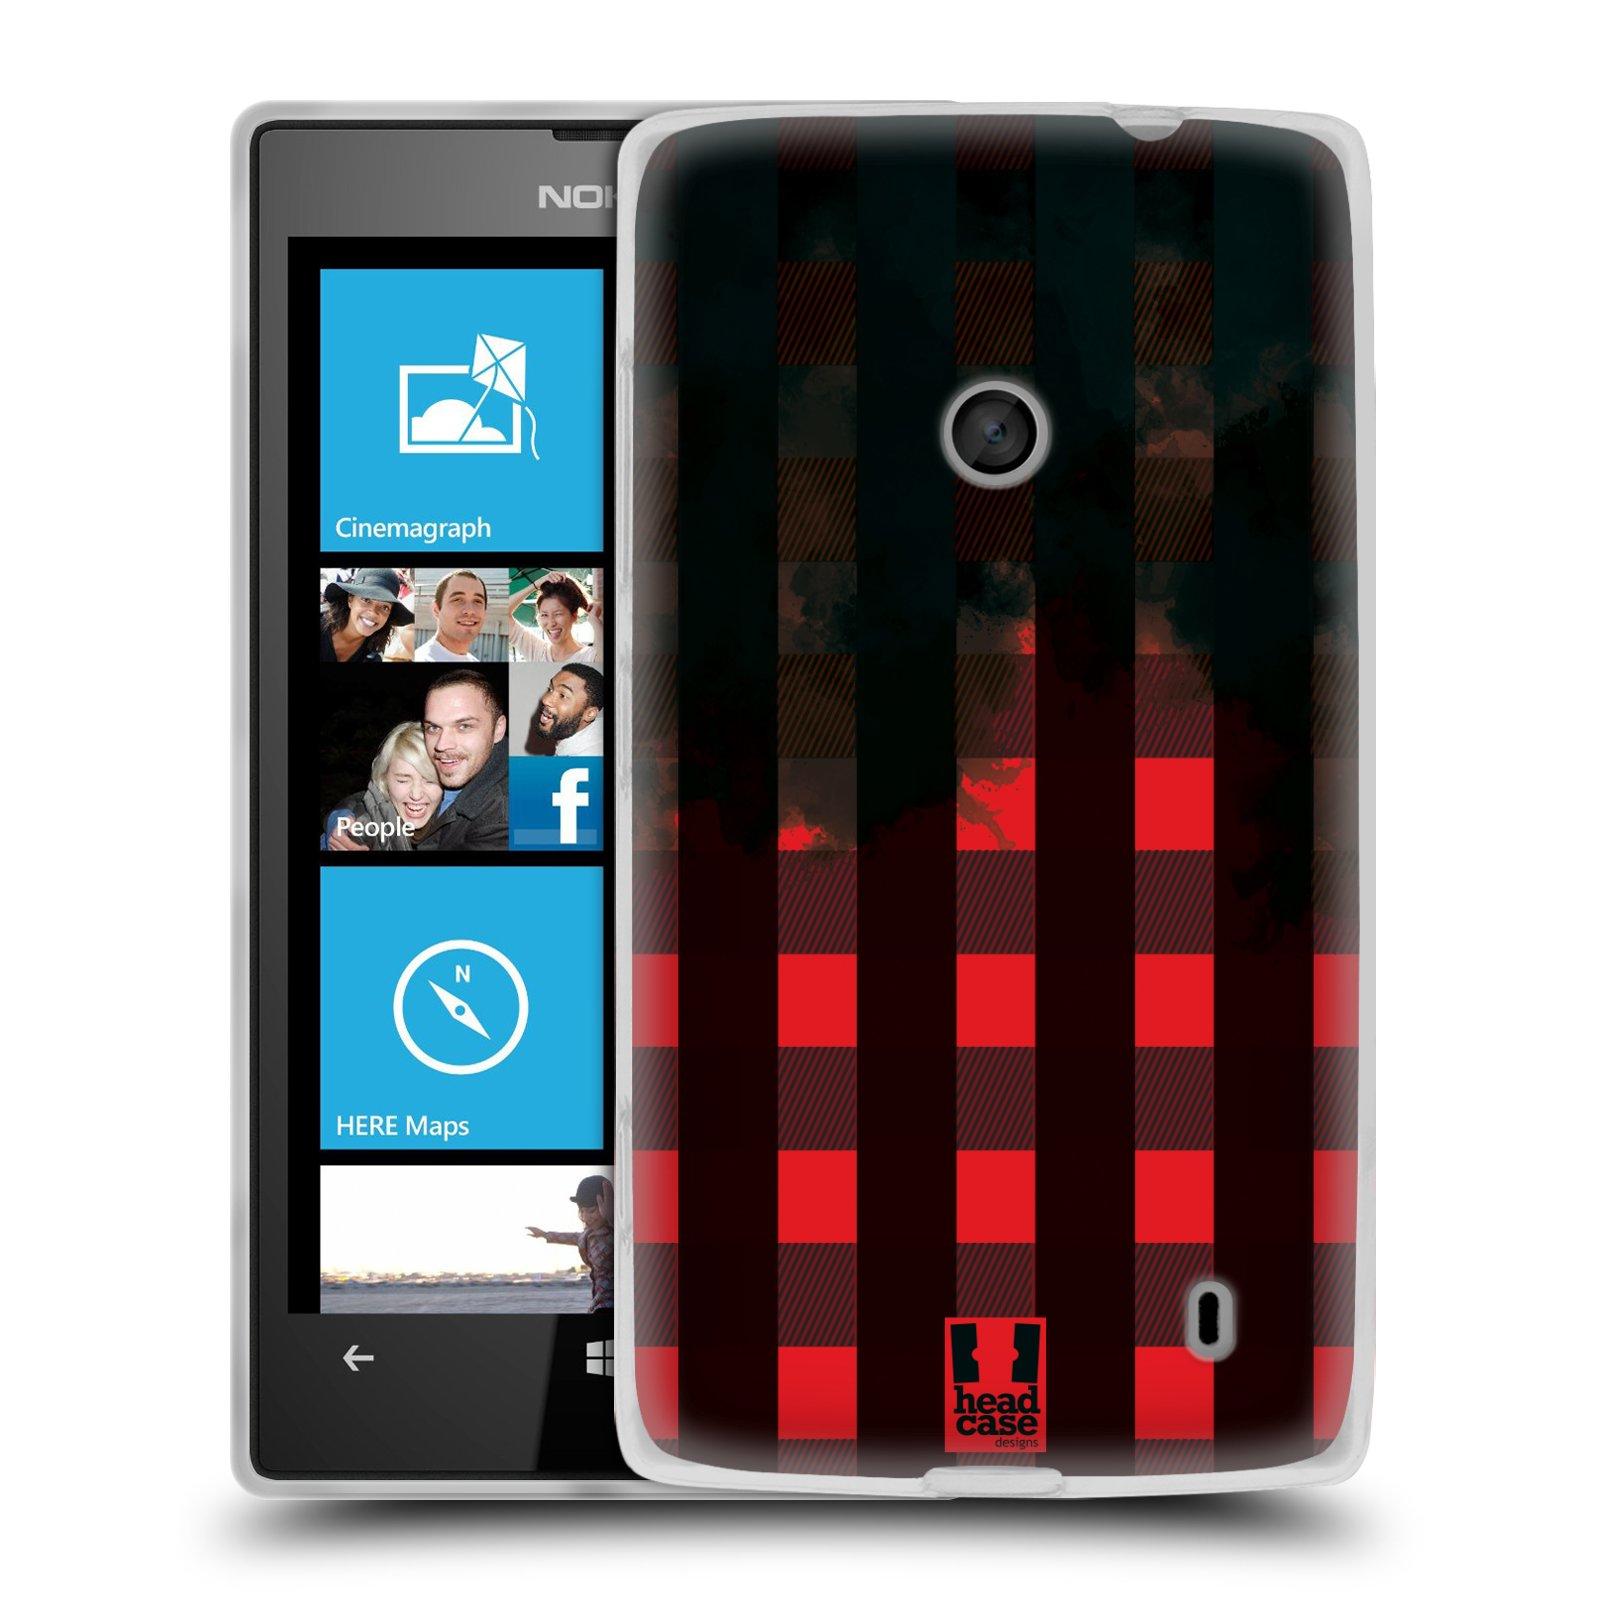 Silikonové pouzdro na mobil Nokia Lumia 520 HEAD CASE FLANEL RED BLACK (Silikonový Kryt či obal na mobilní telefon Nokia Lumia 520)